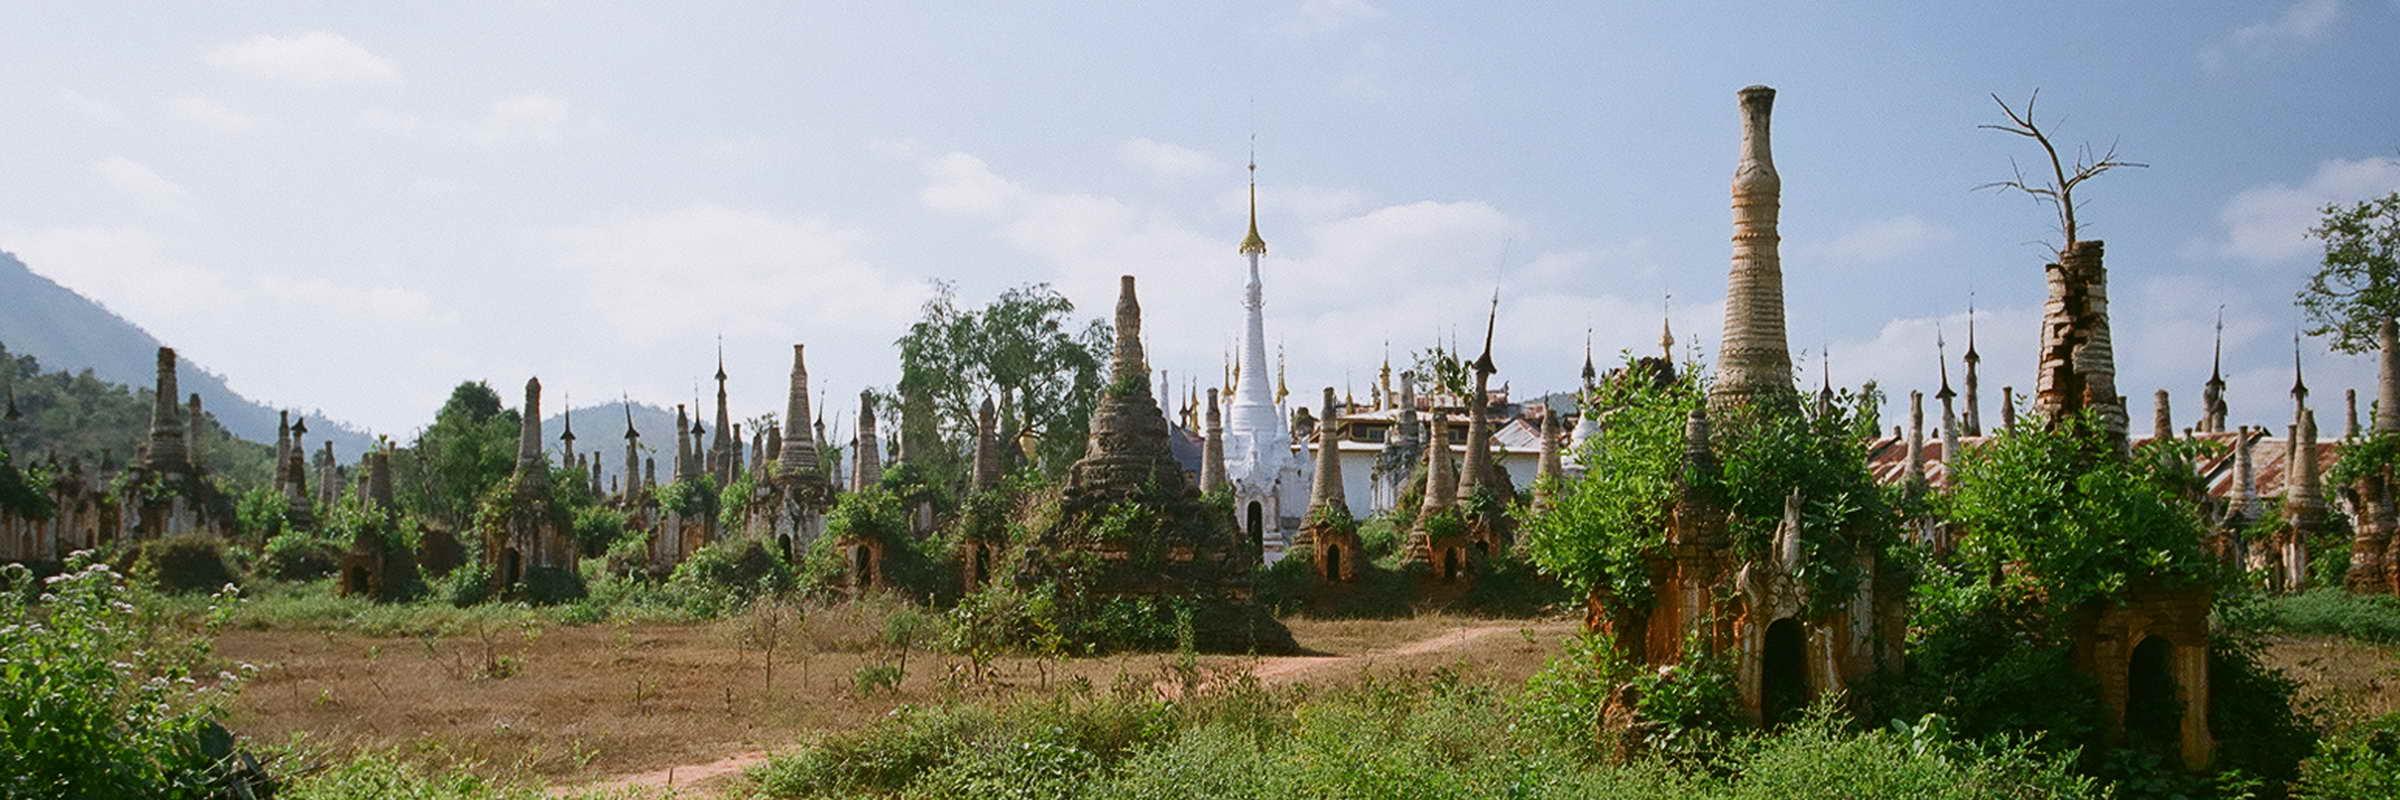 Die Ruinen von 1.065 Pagoden nahe dem Dorf Indein.